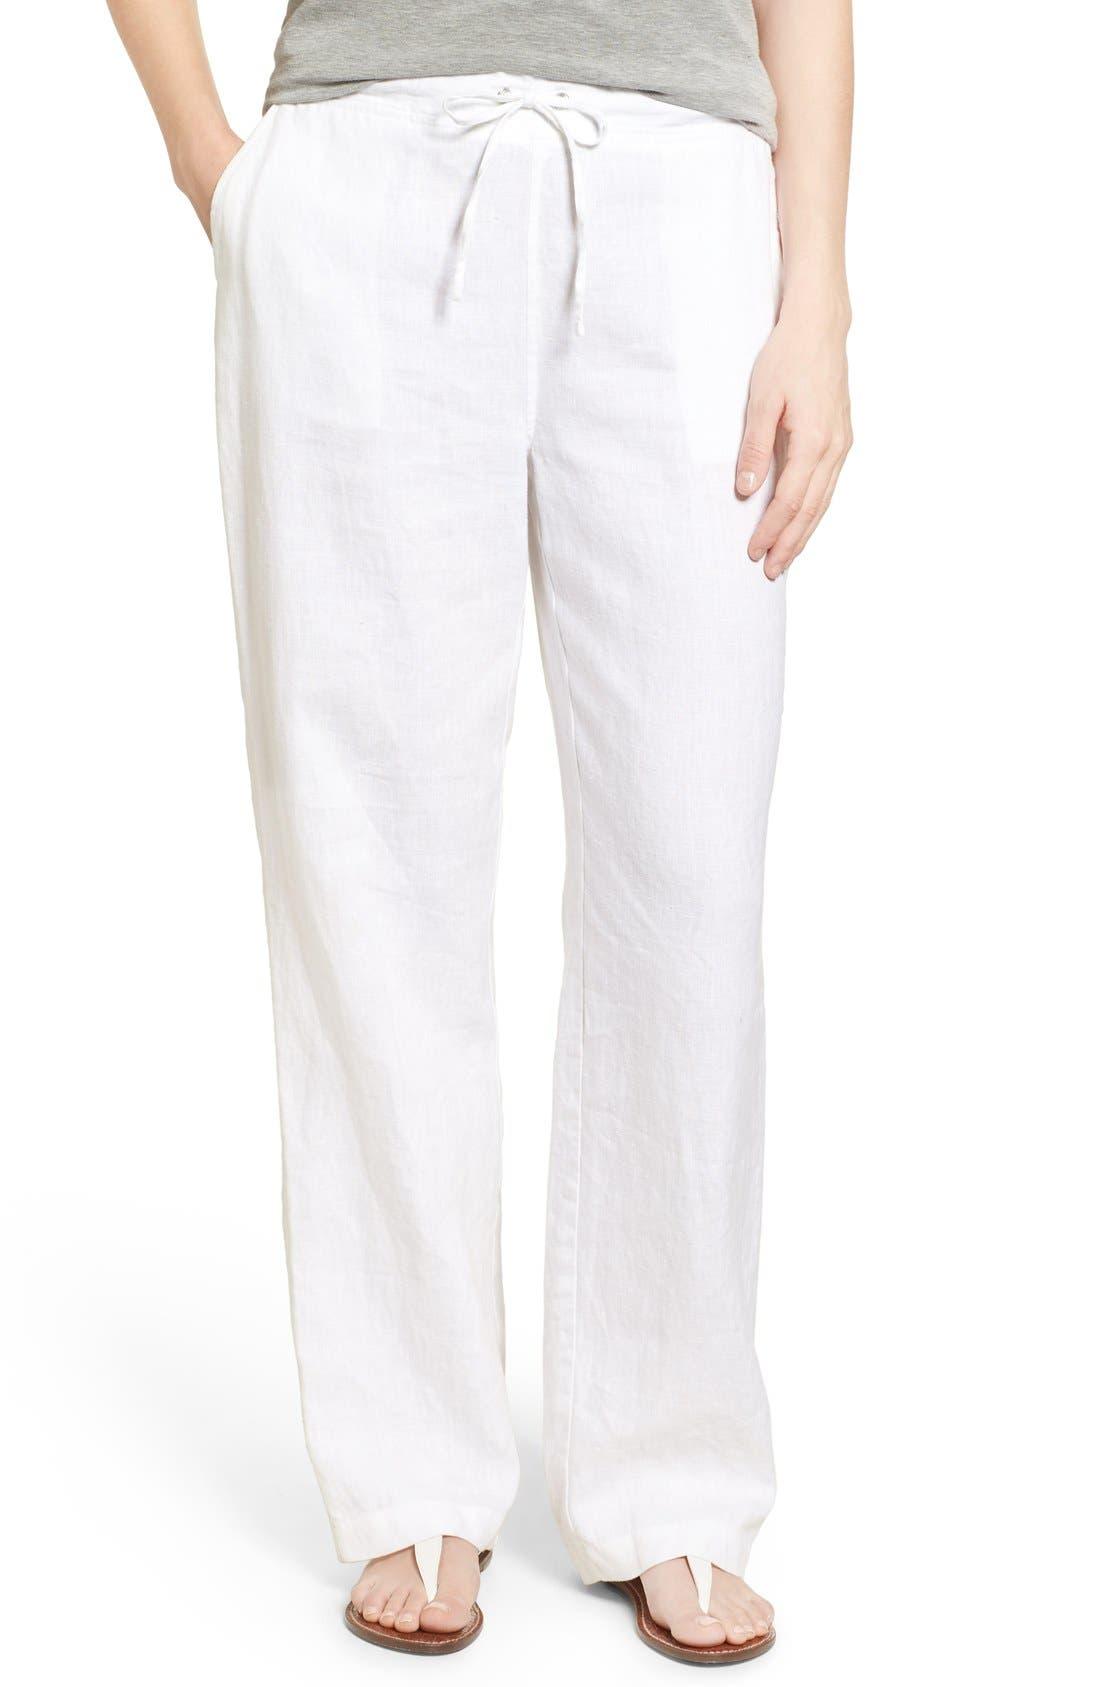 White Linen Pants Womens E4UceKNV